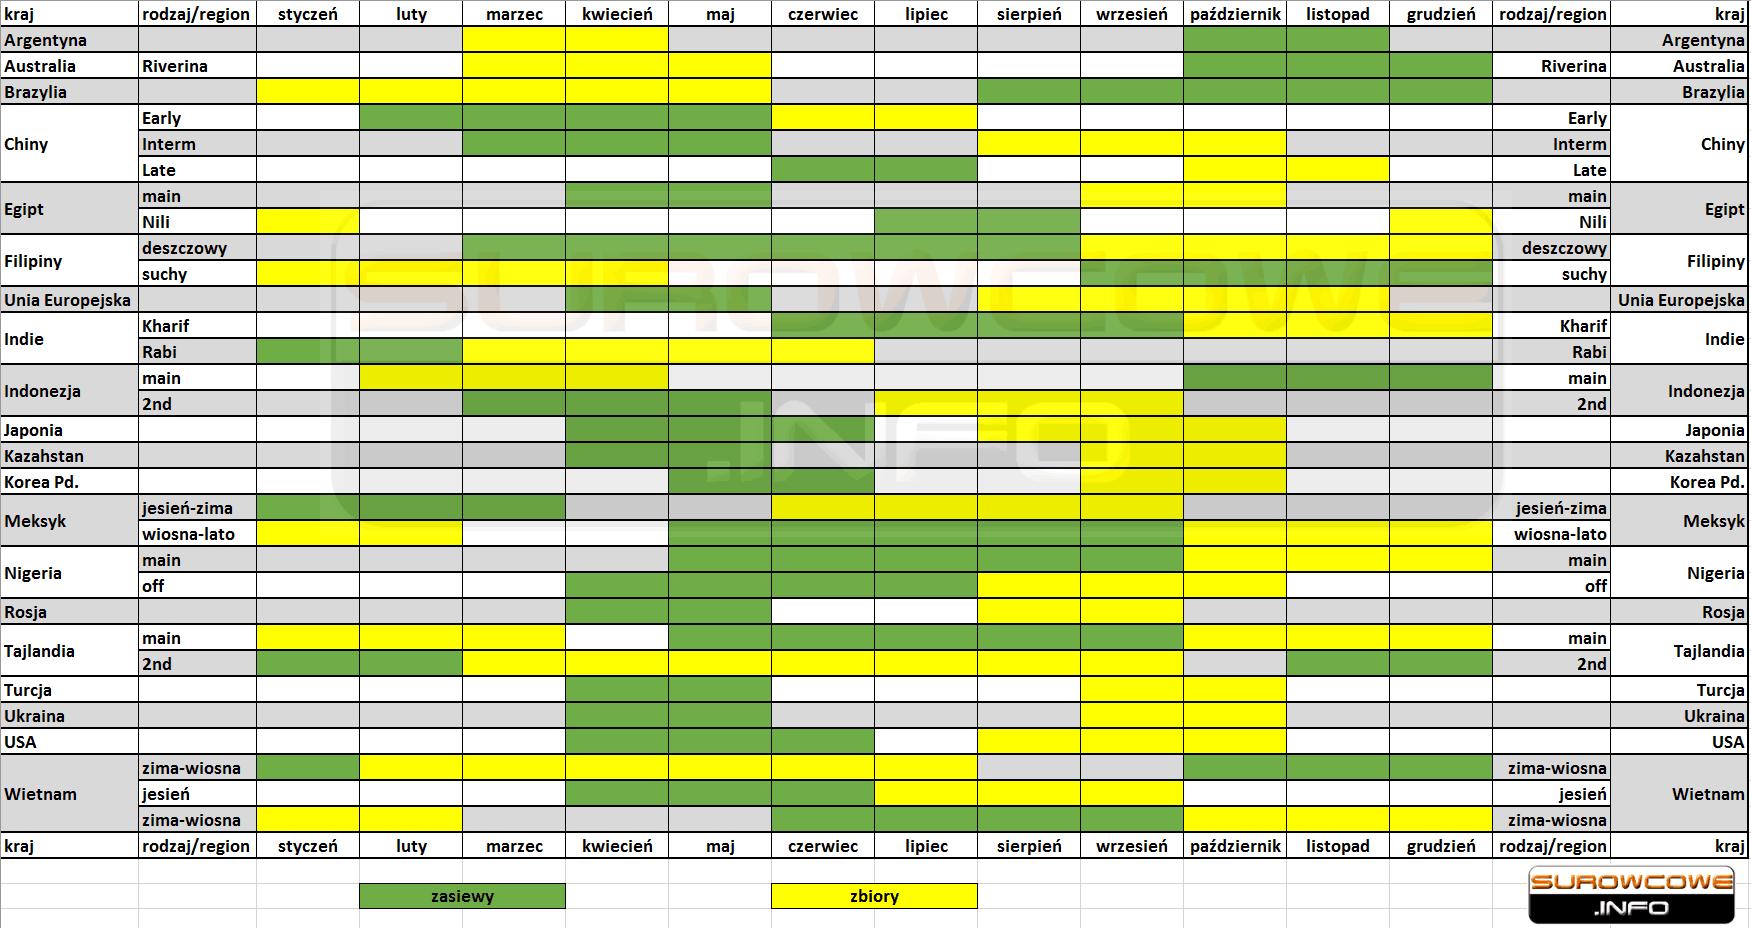 kalendarz zasiewów i zbiorów ryżu na świecie